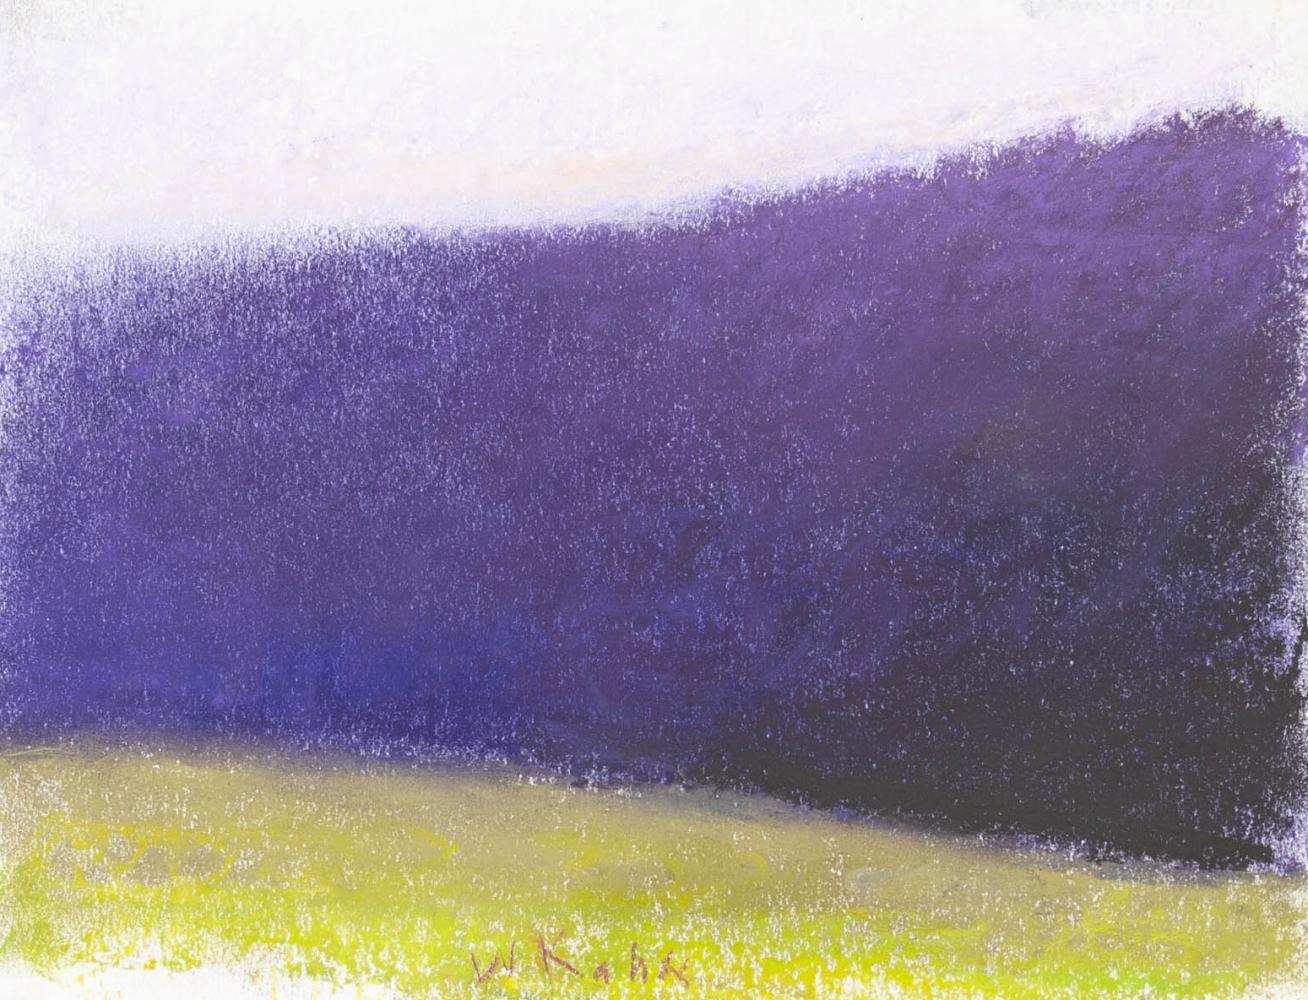 Wolf Kahn, Dark Purple Tree Wall, 1995, Pastel on paper, 9 x 12 inches, Wolf Kahn Pastels, Wolf Kahn Pastels For Sale